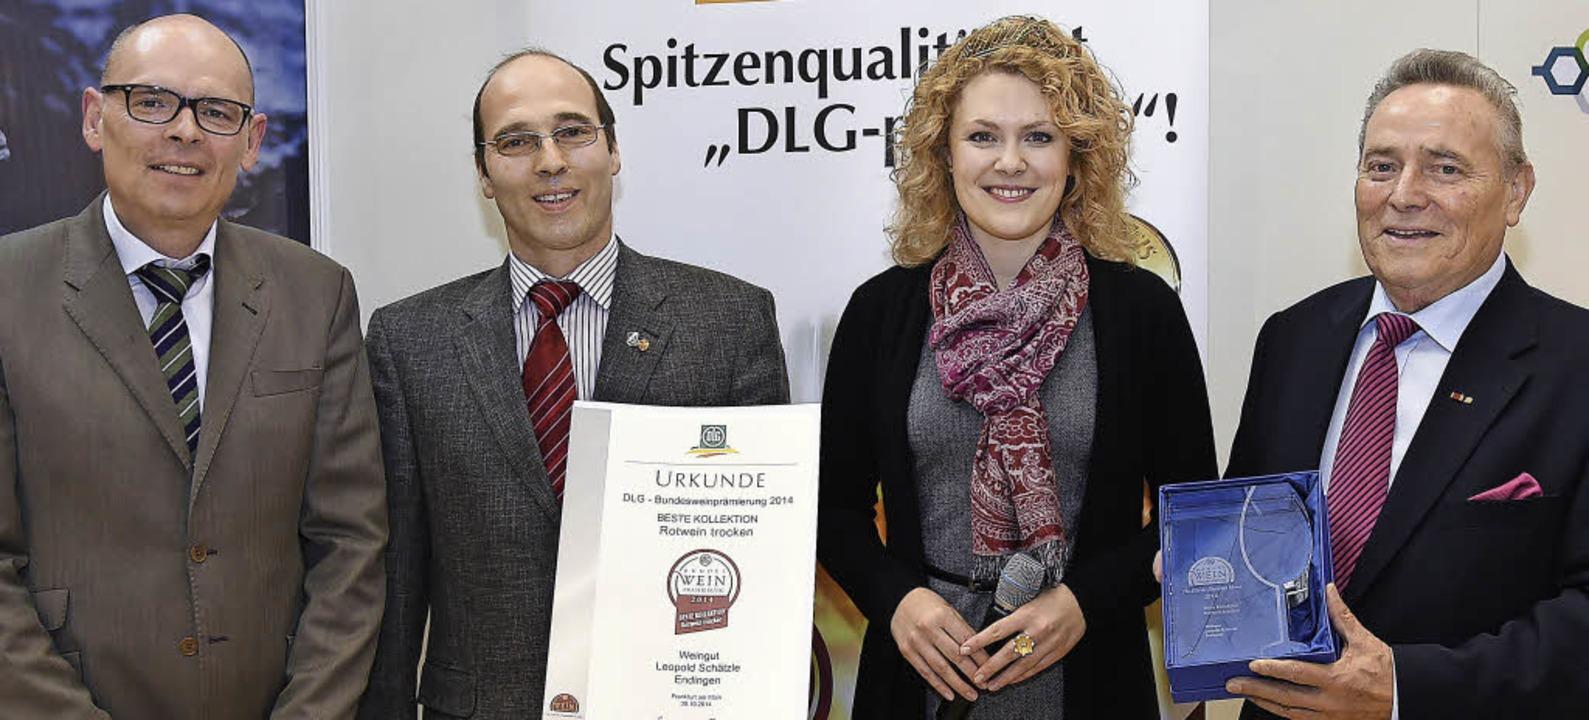 Die Deutsche Weinkönigin Janina Huhn u...an Leopold Schätzle Senior und Junior.  | Foto: DLG